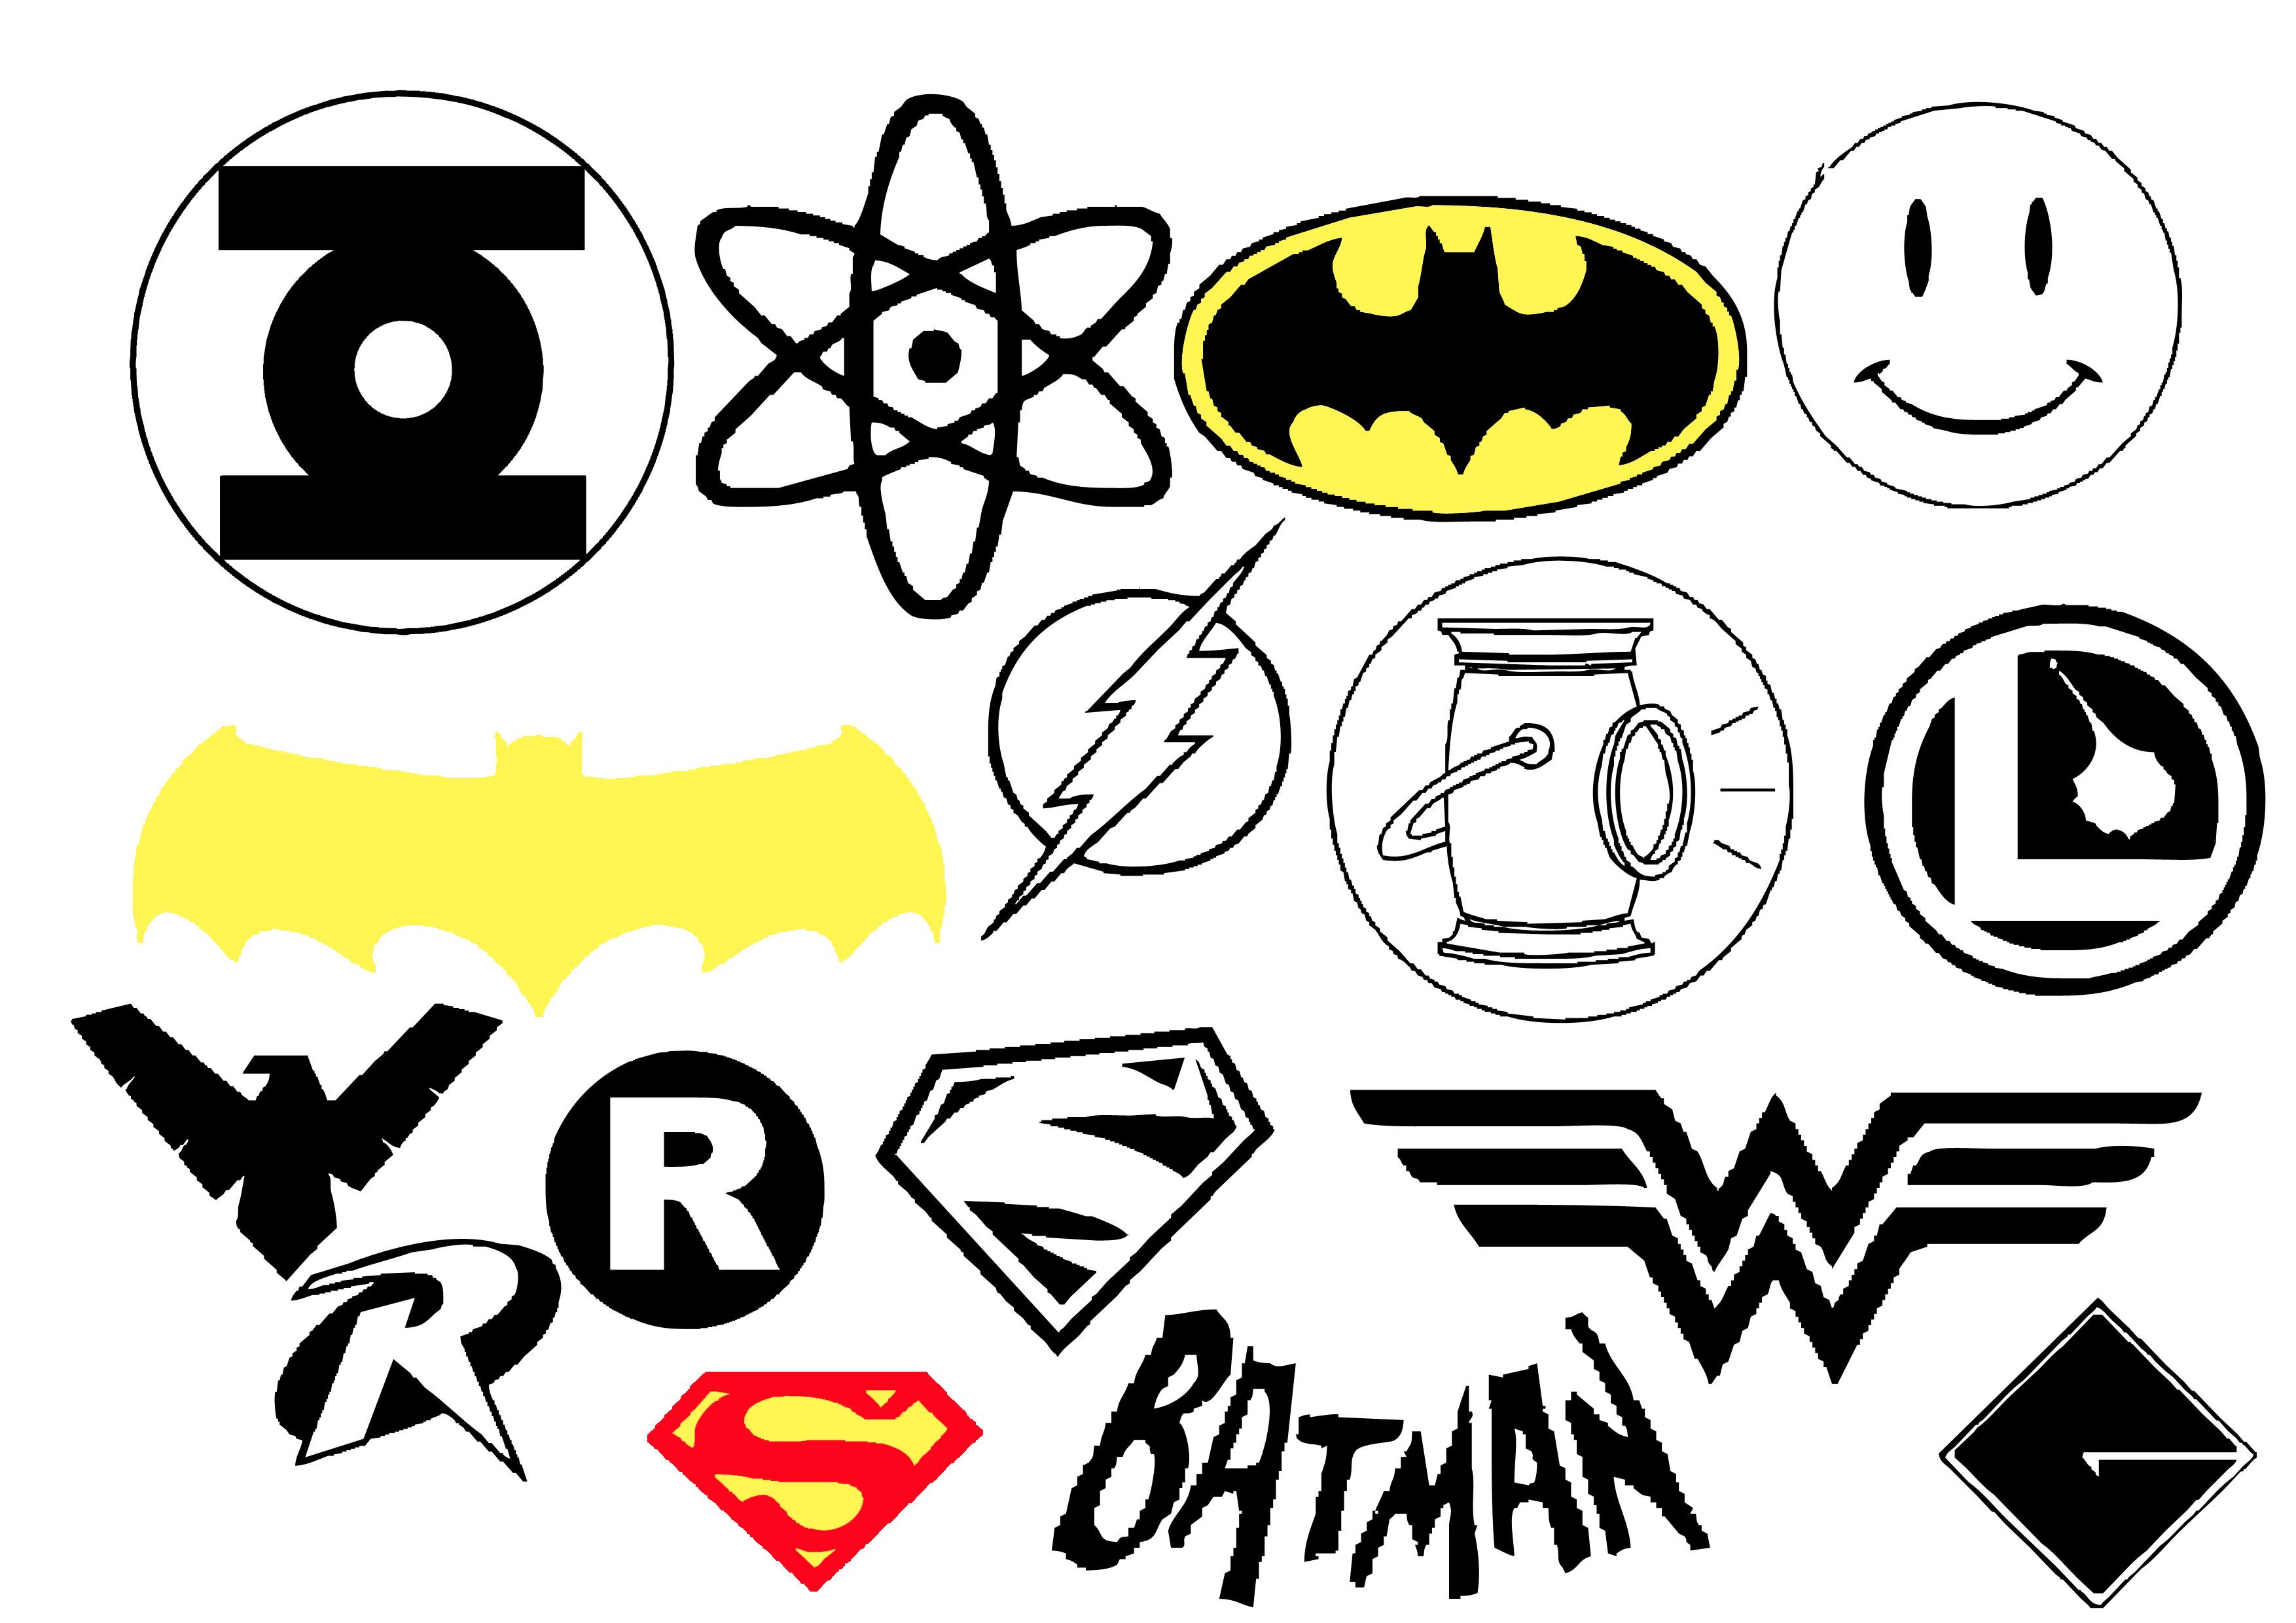 geekbot Logo photo - 1